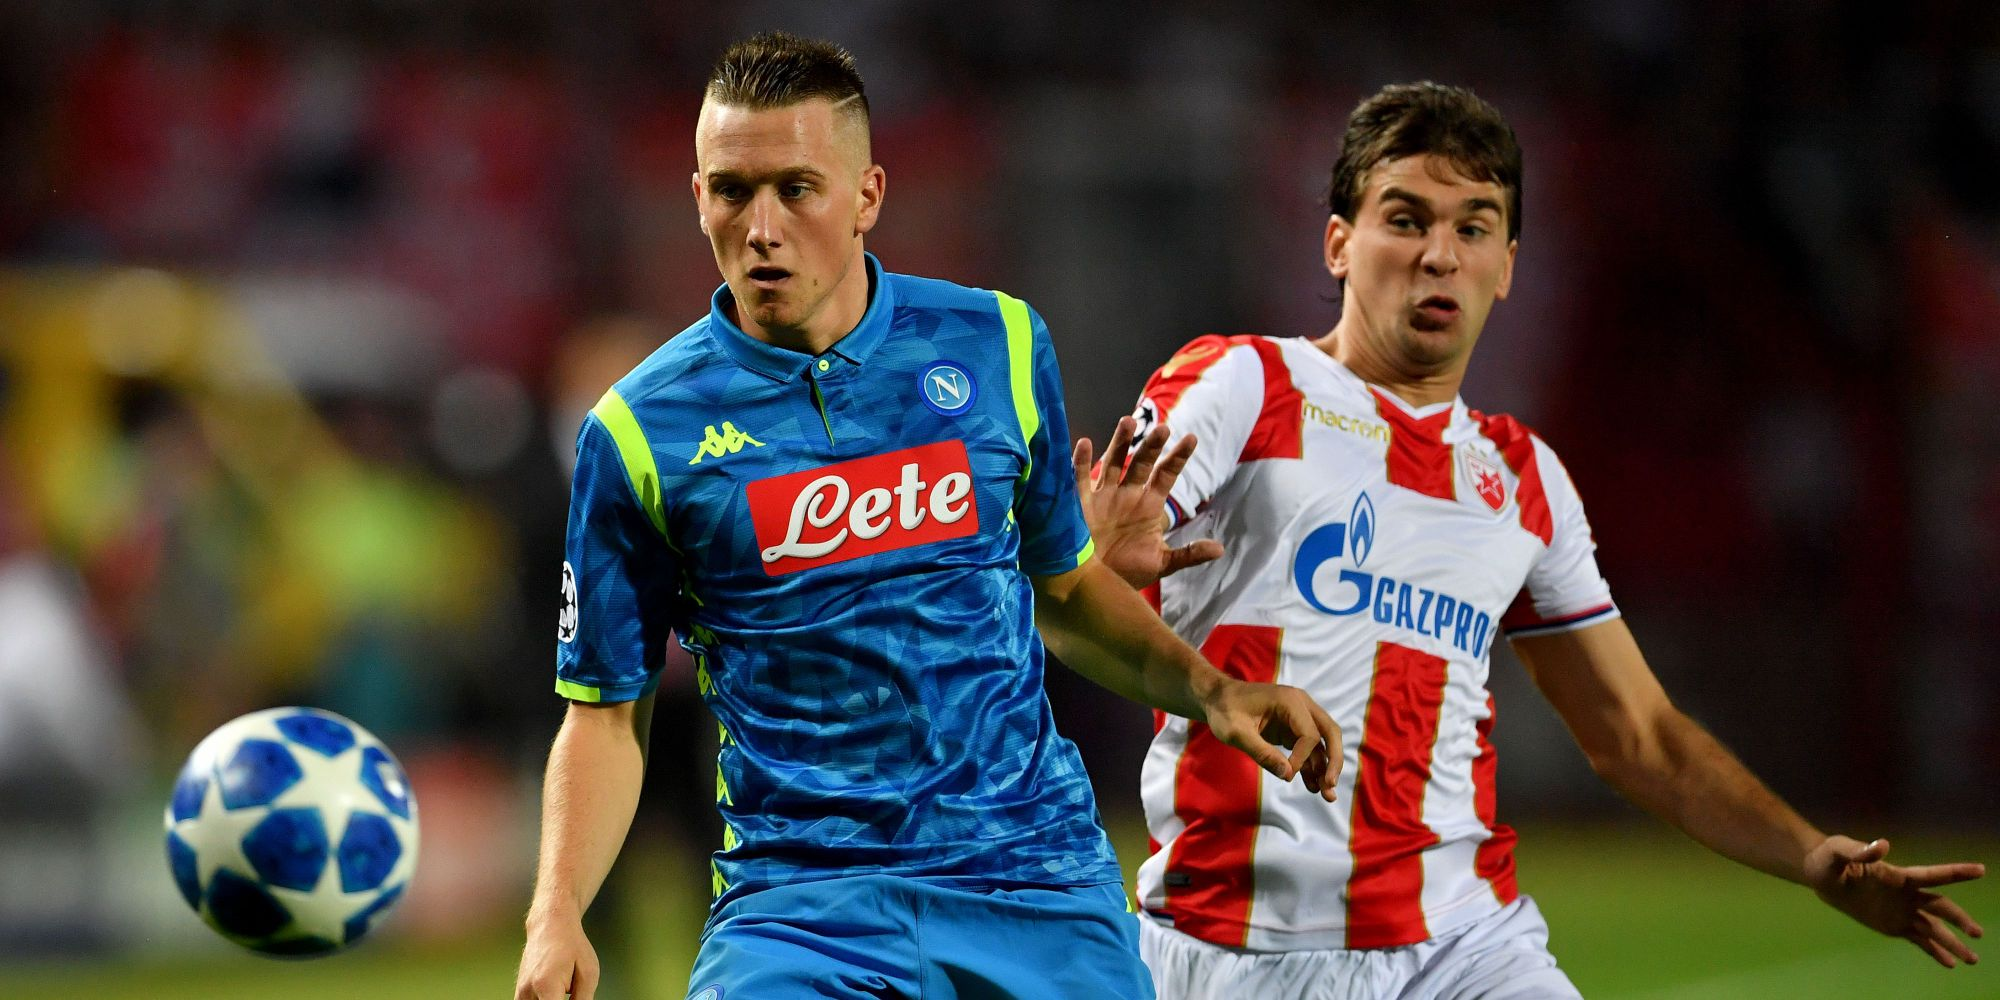 Piotr Zielinski Filip Stojkovic Crvena Zvezda Napoli Champions League